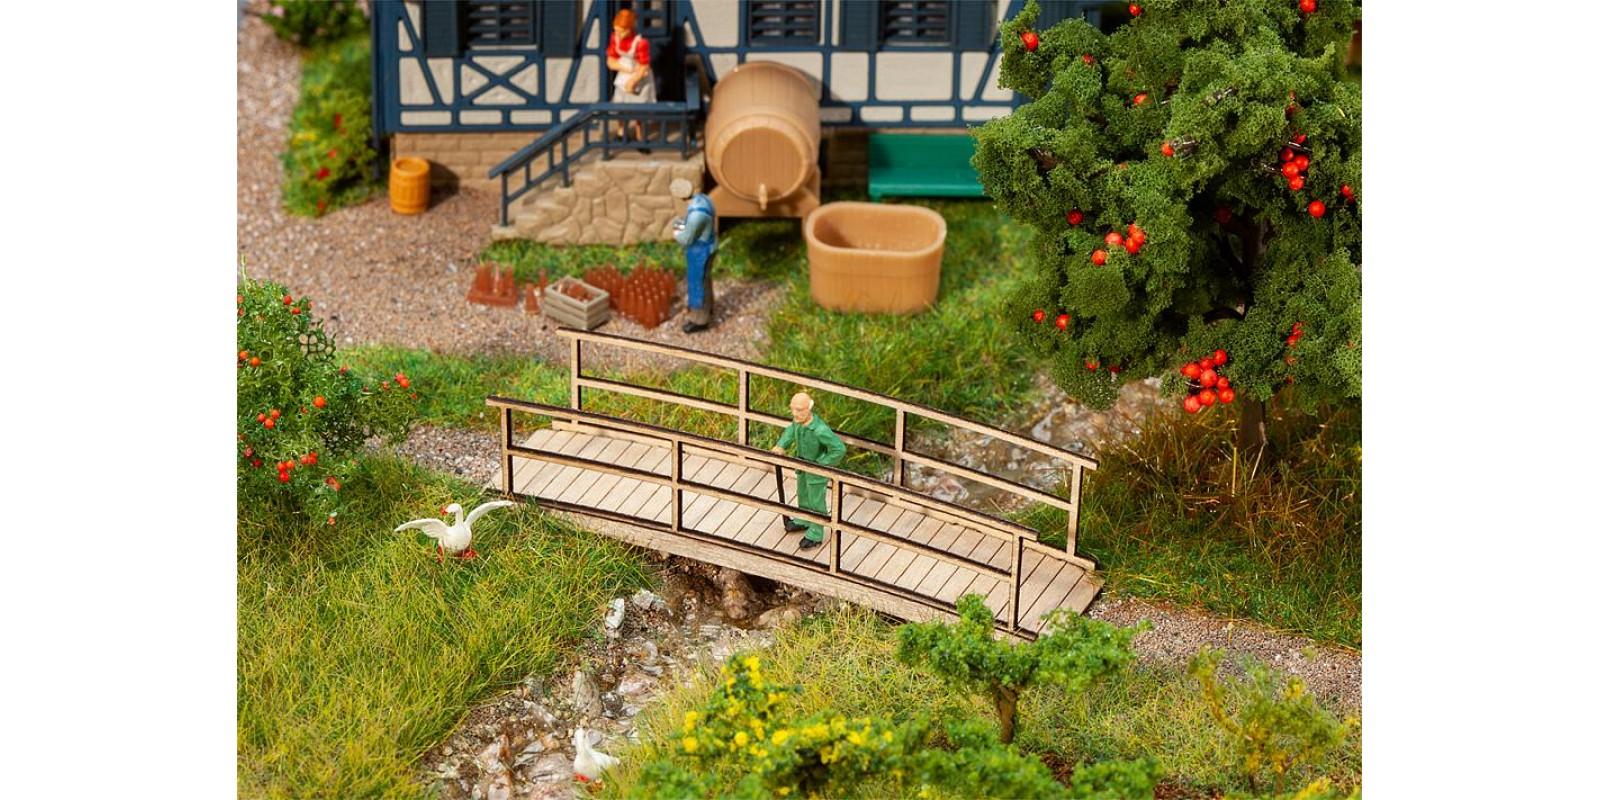 FA180301 Small wooden bridge